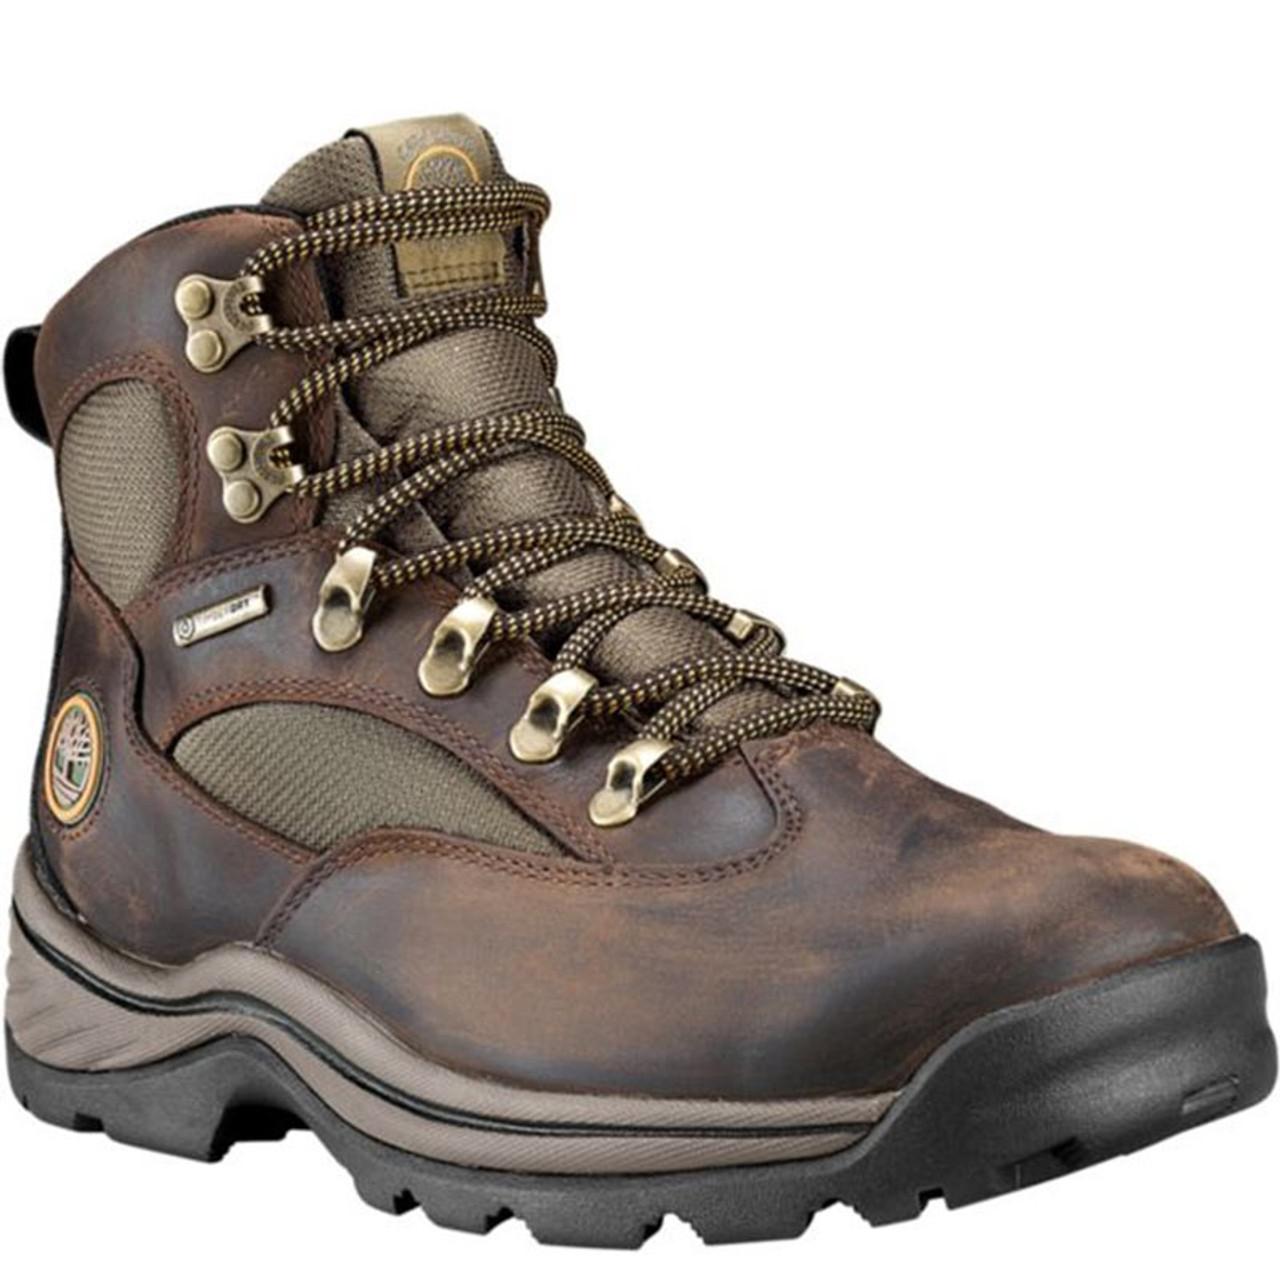 Timberland 15130 CHOCORUA TRAIL 2.0 Waterproof Hiking Boots